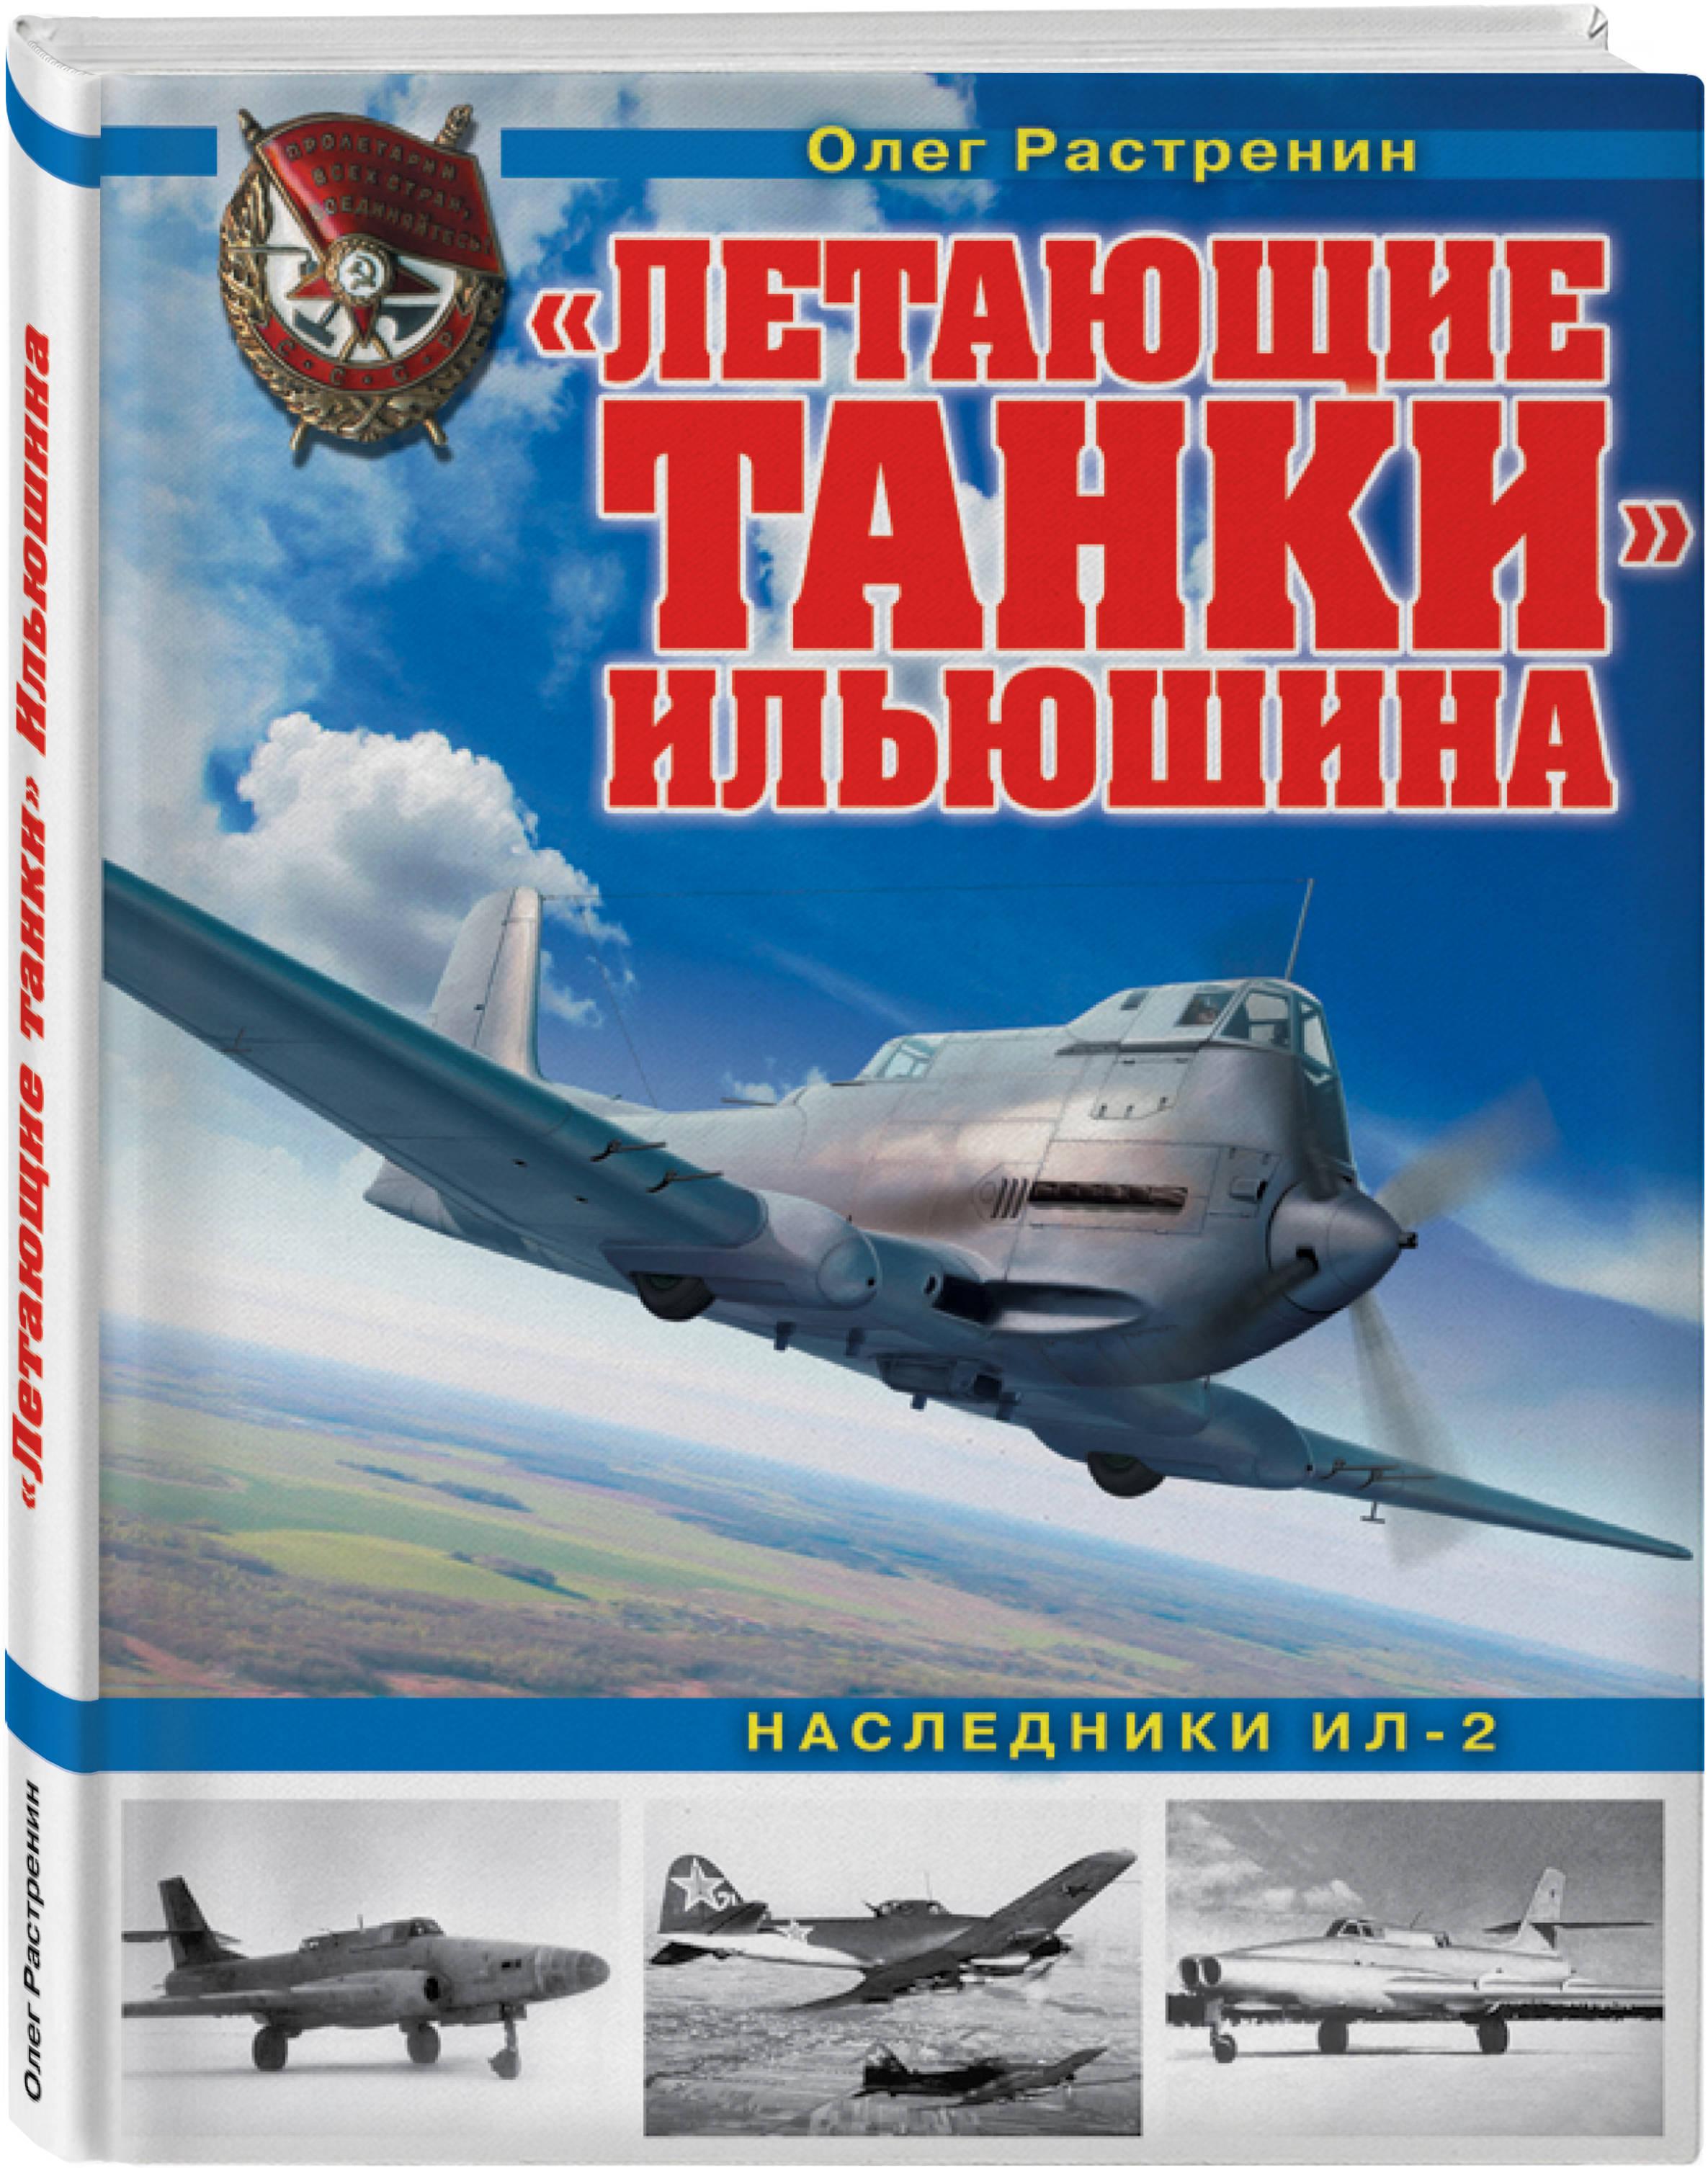 «Летающие танки» Ильюшина. Наследники Ил-2 - Олег Растренин